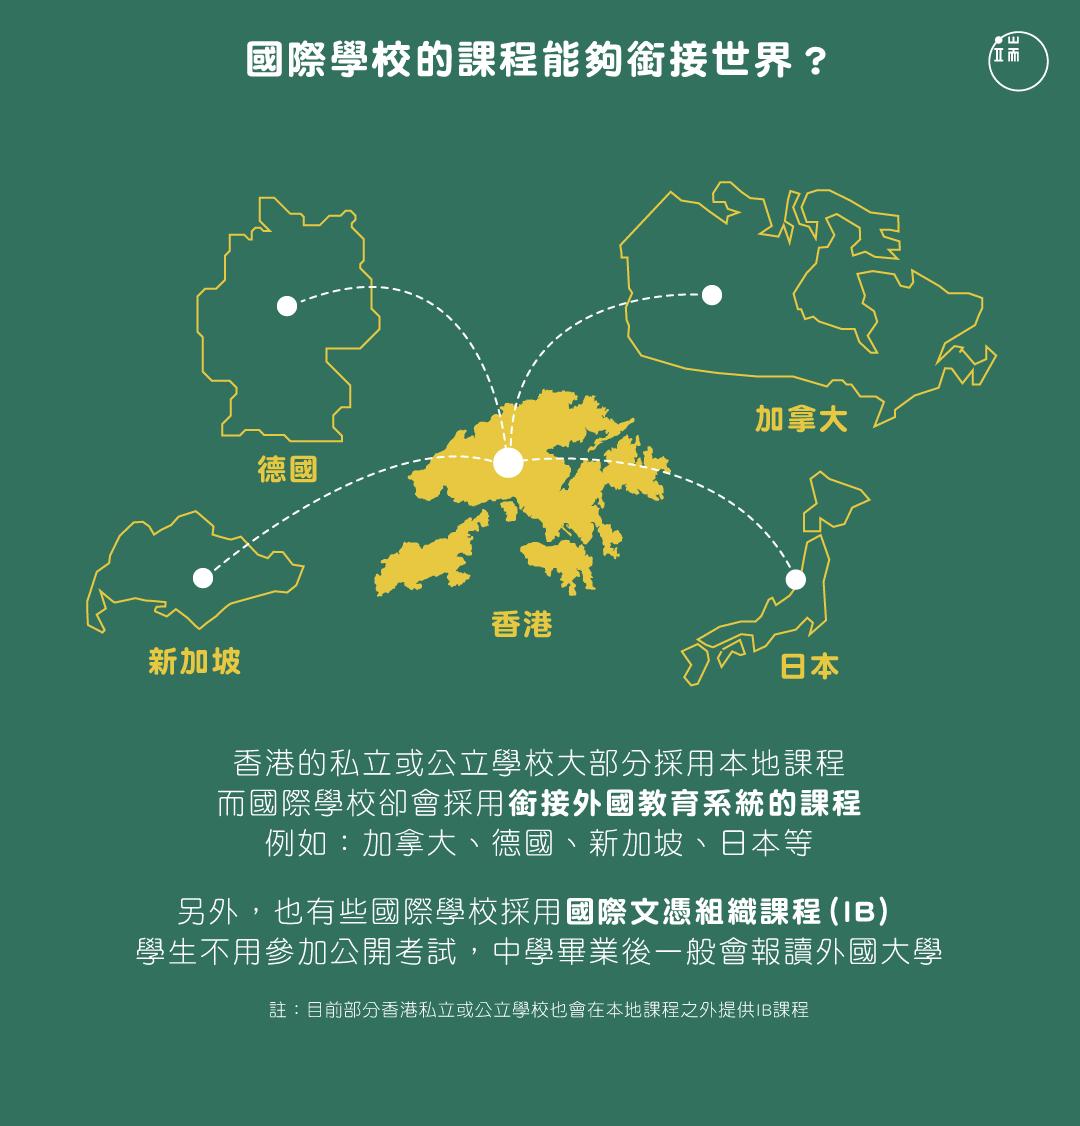 國際學校的課程能夠銜接世界?圖:端傳媒設計部